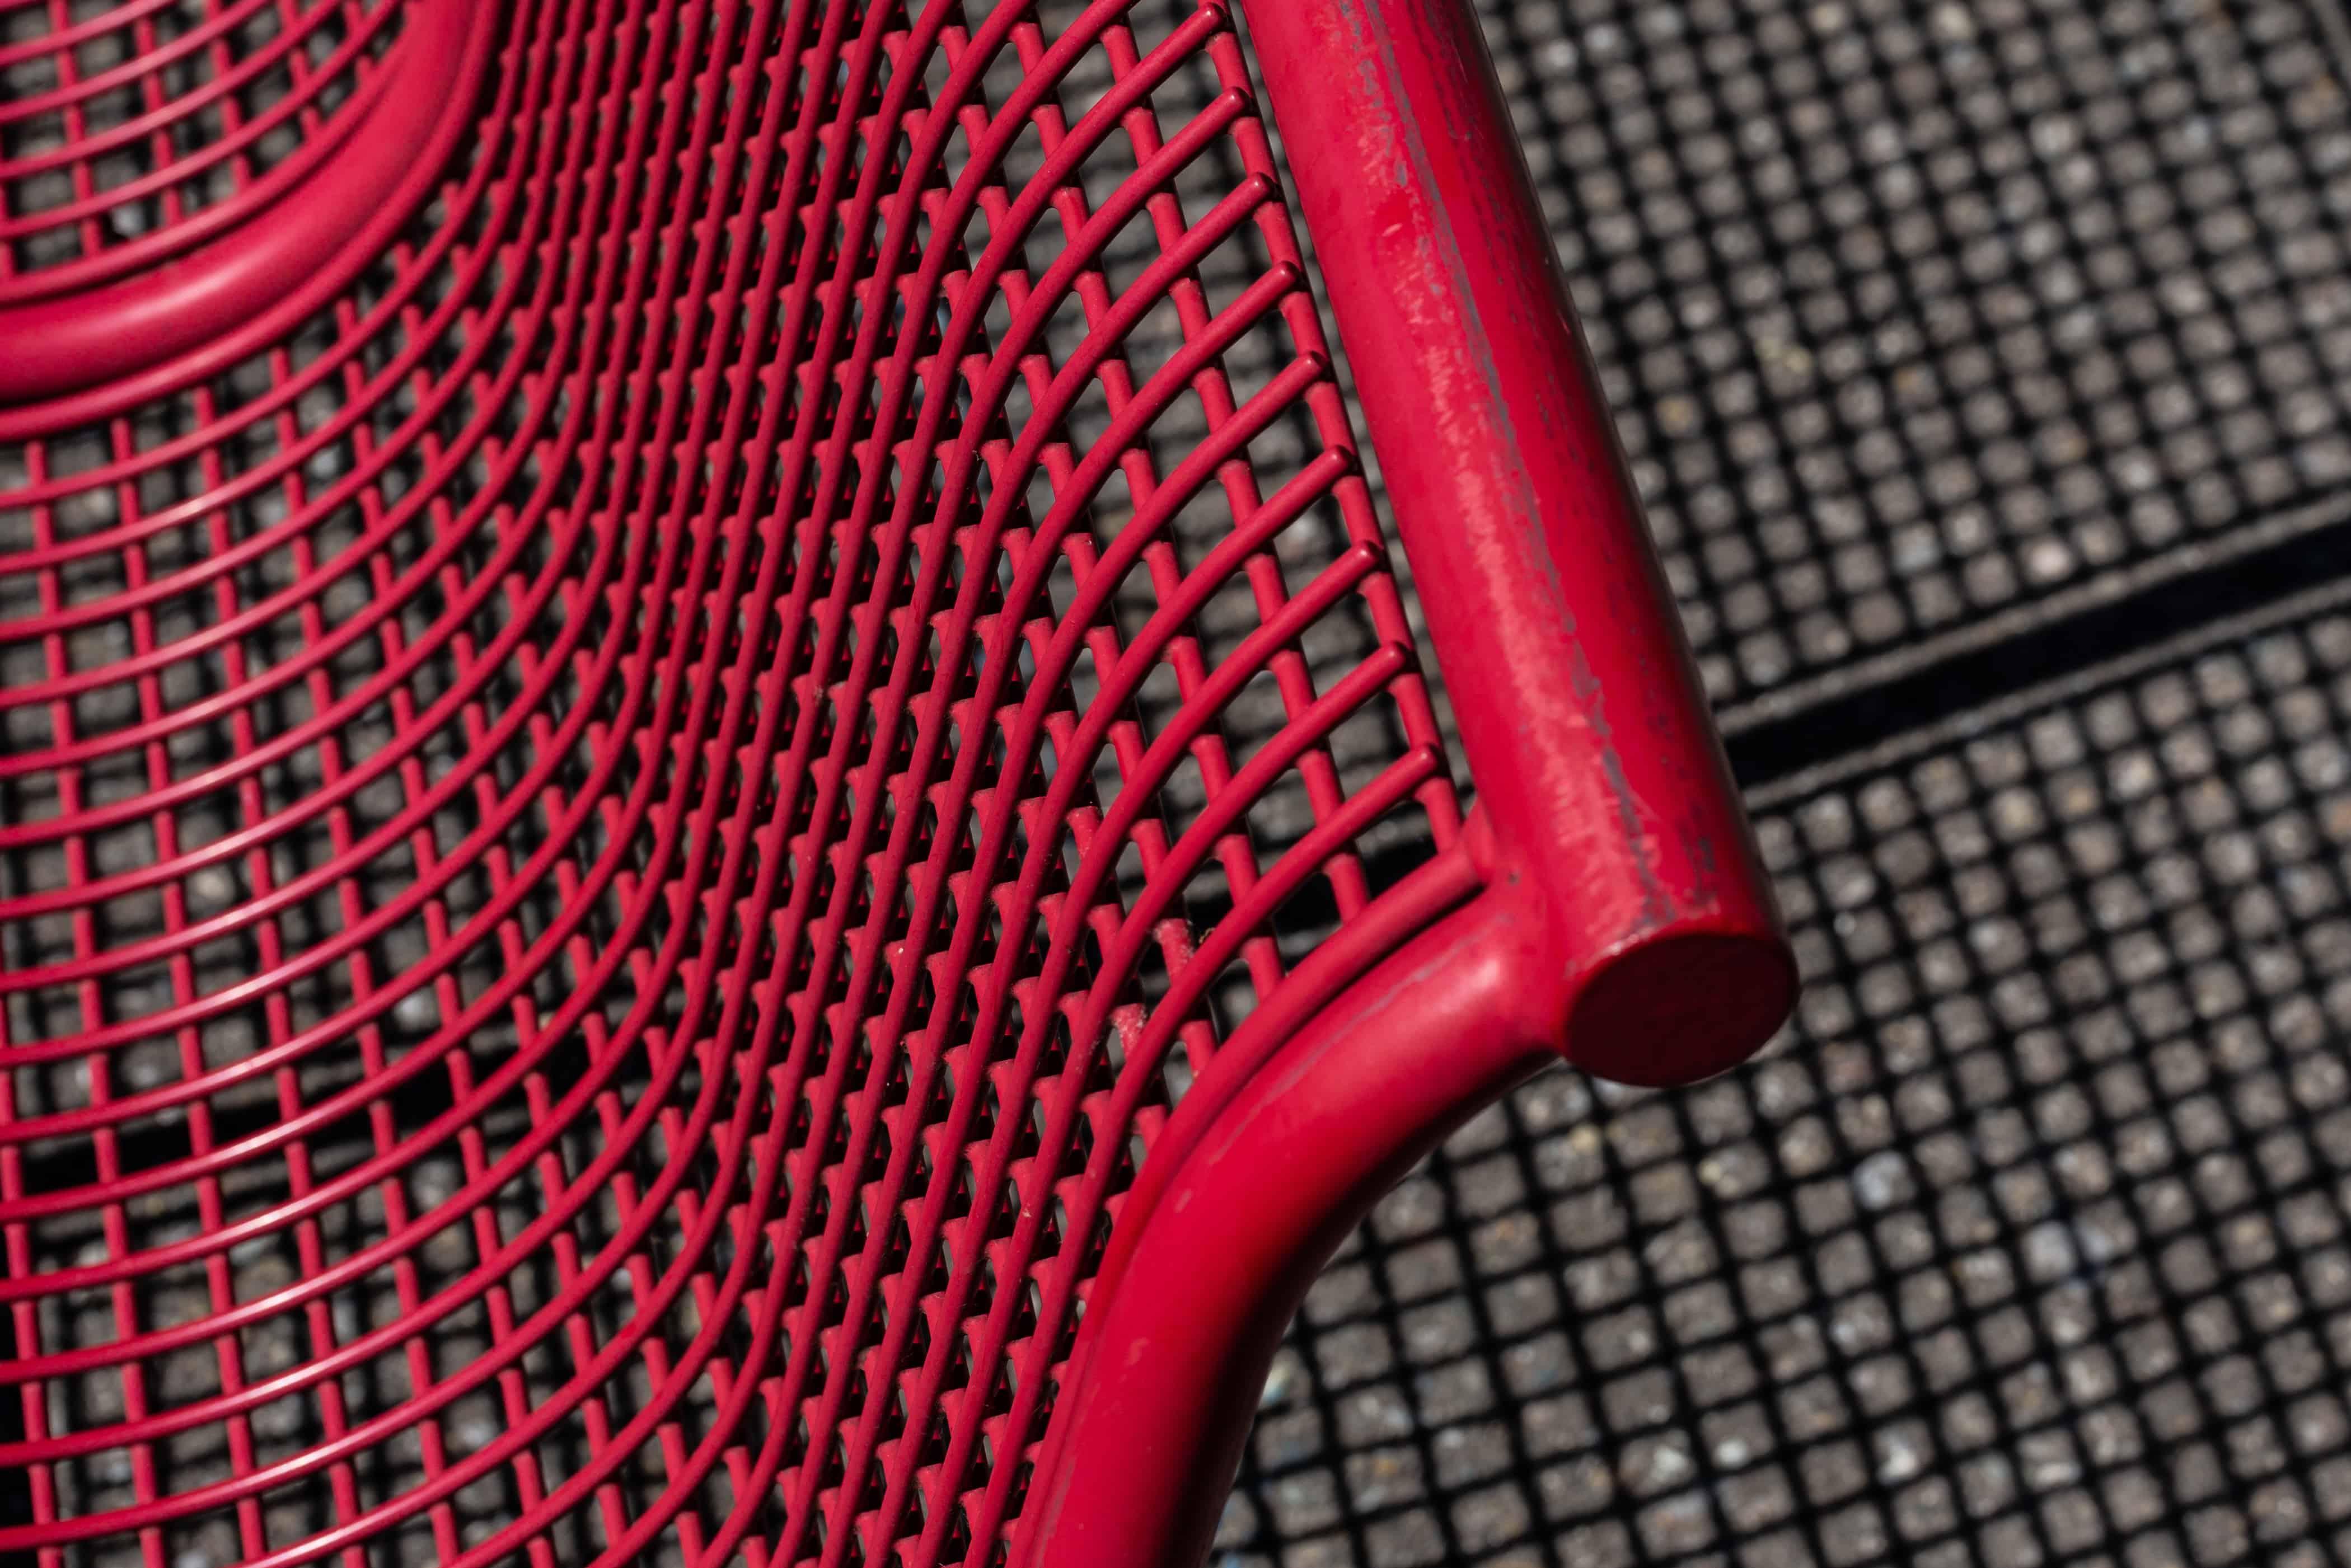 Gitter und Schatten / Sigma 70 mm Macro